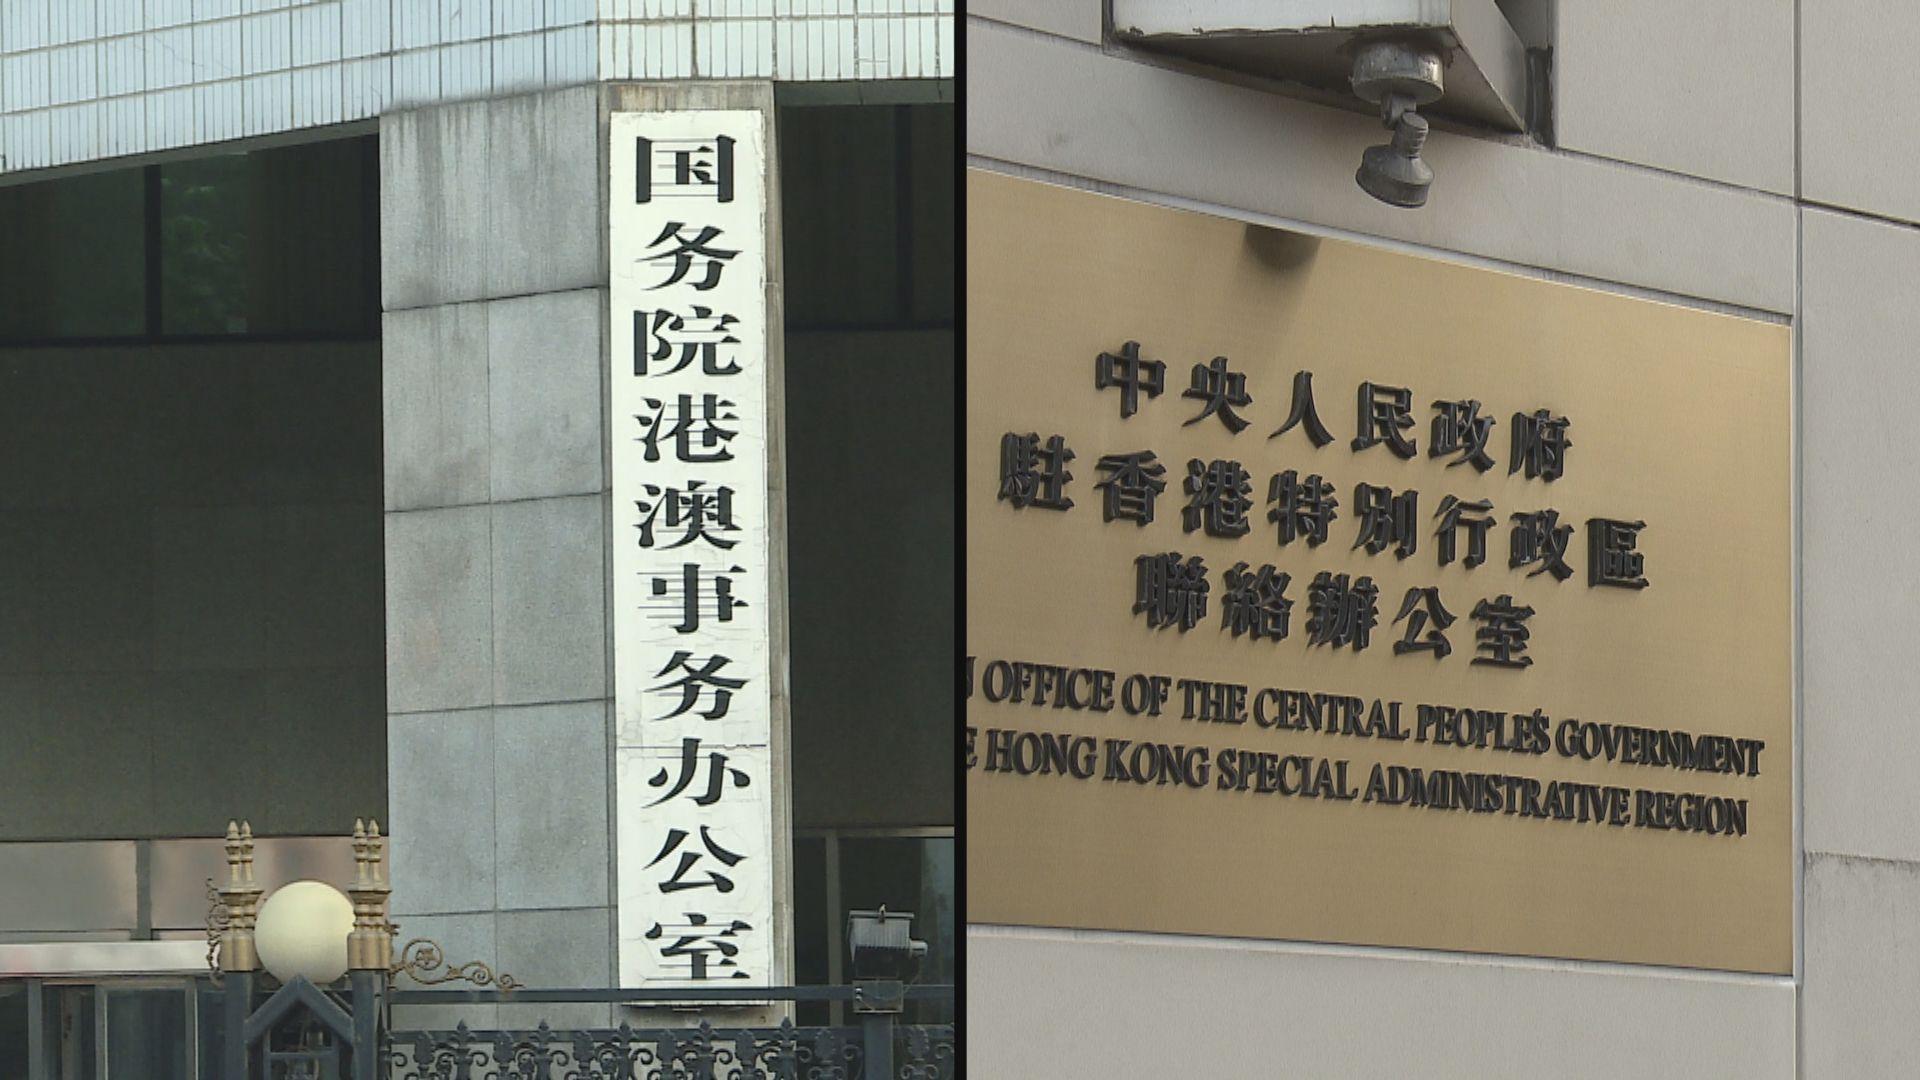 特區政府及北京曾表示初選涉嫌違反國安法